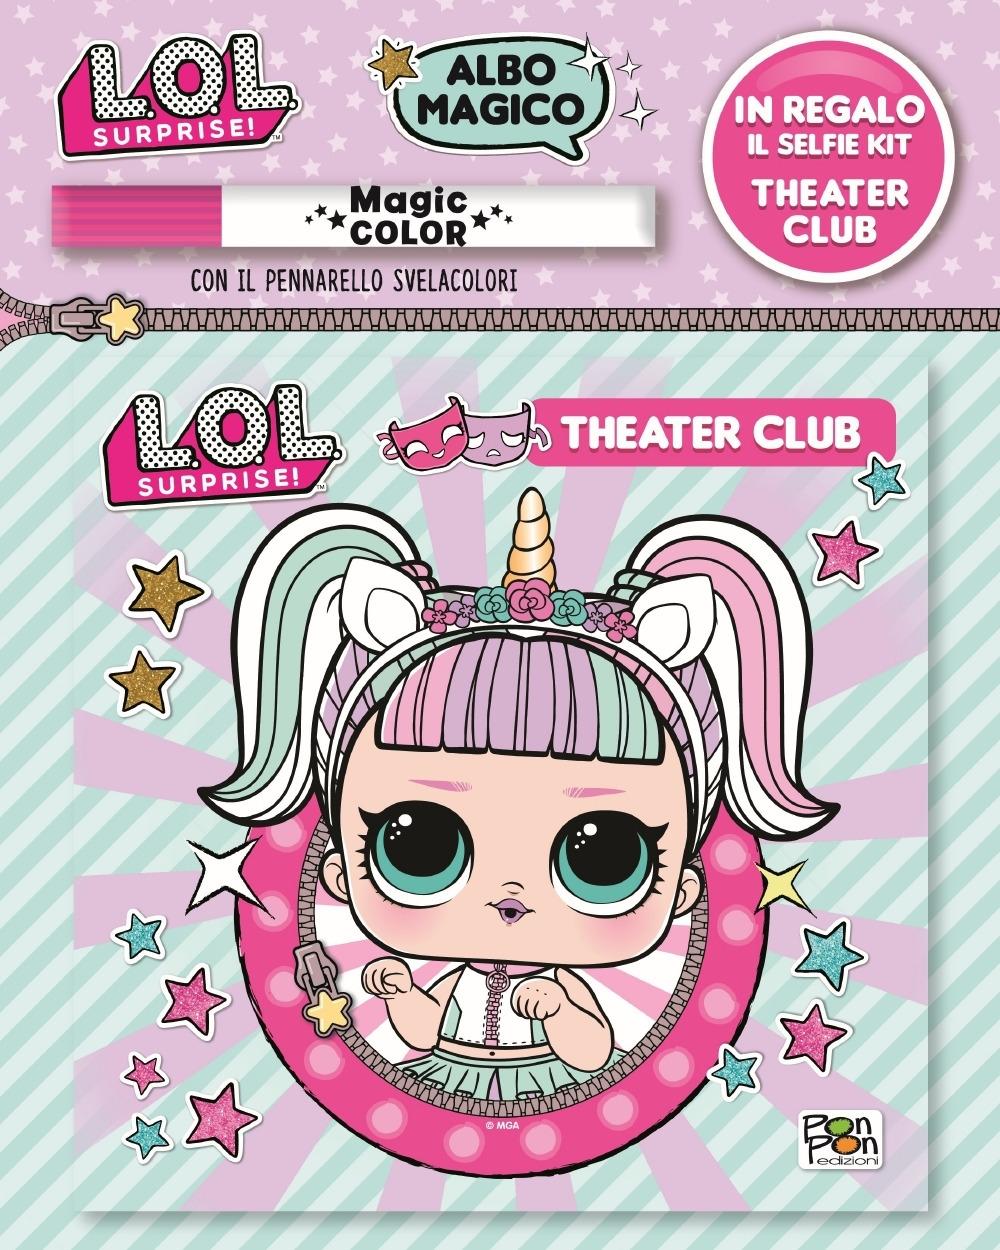 Theatre club. L.O.L surprise! Albo magico. Con gadget